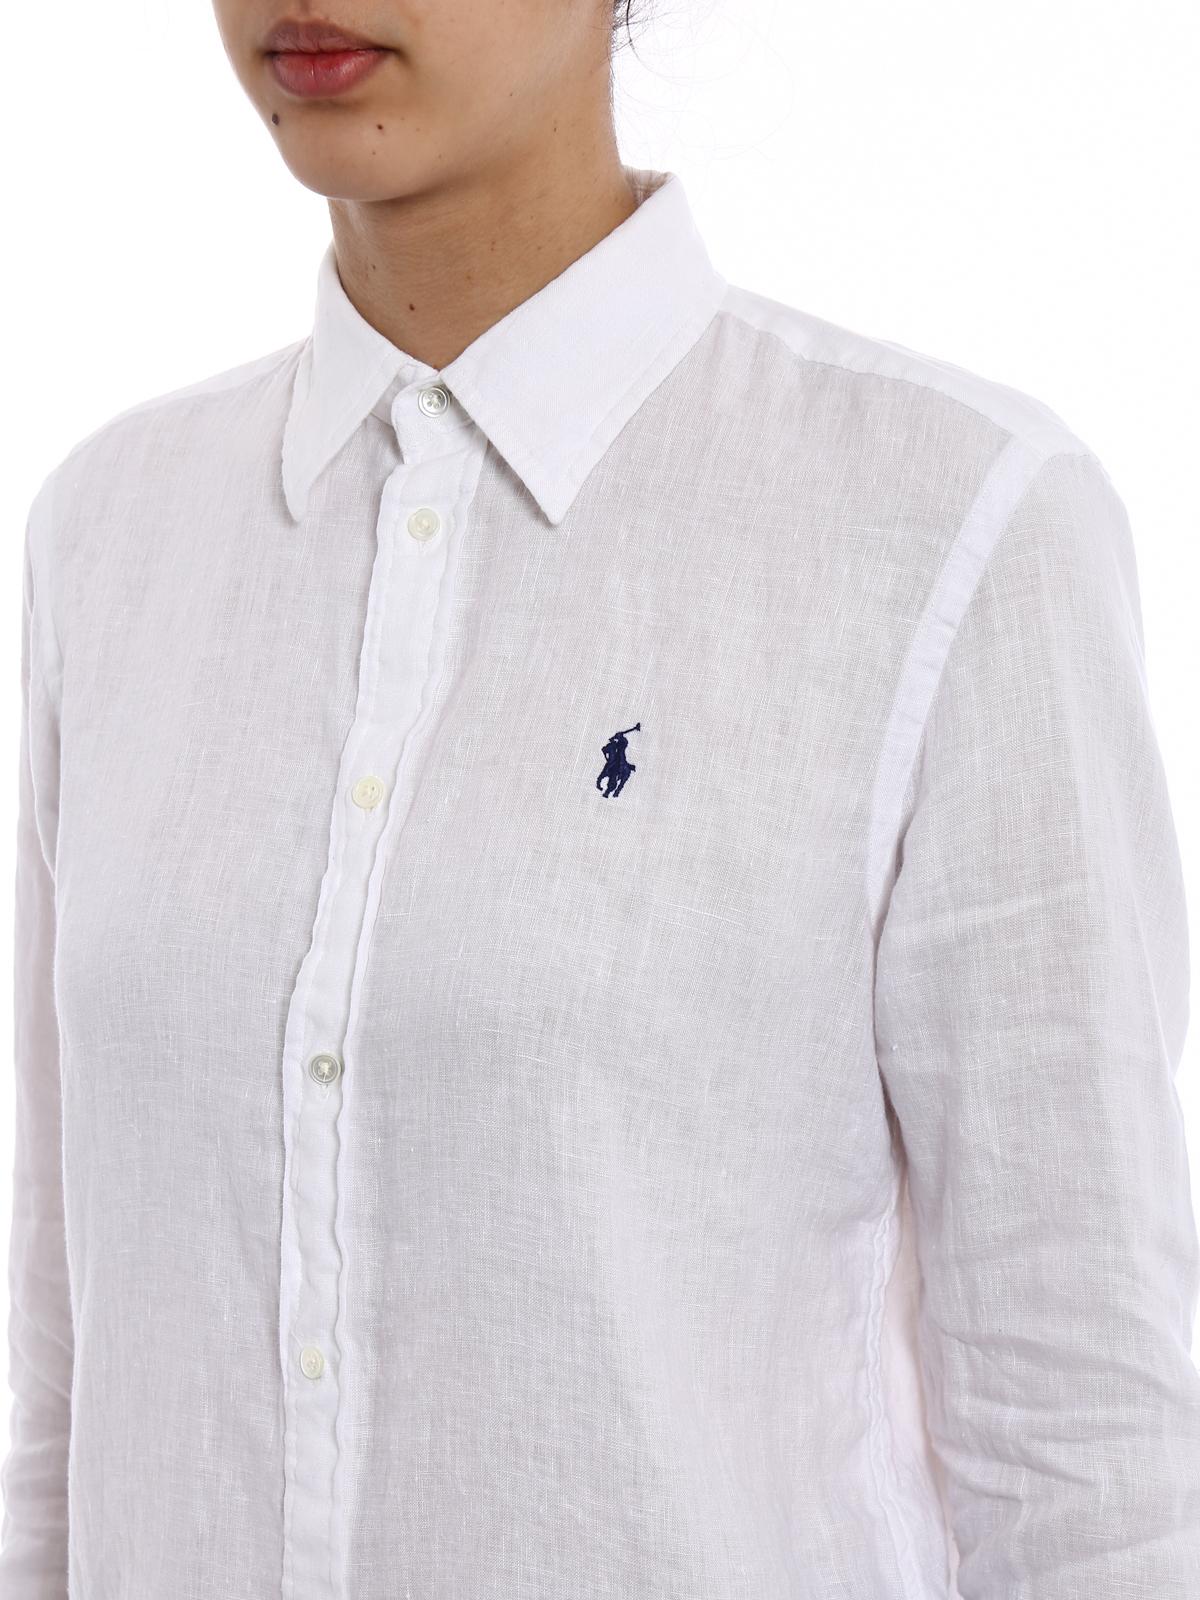 Ralph Polo 211697461001 Lauren White Linen Shirts Shirt POXNw08nk